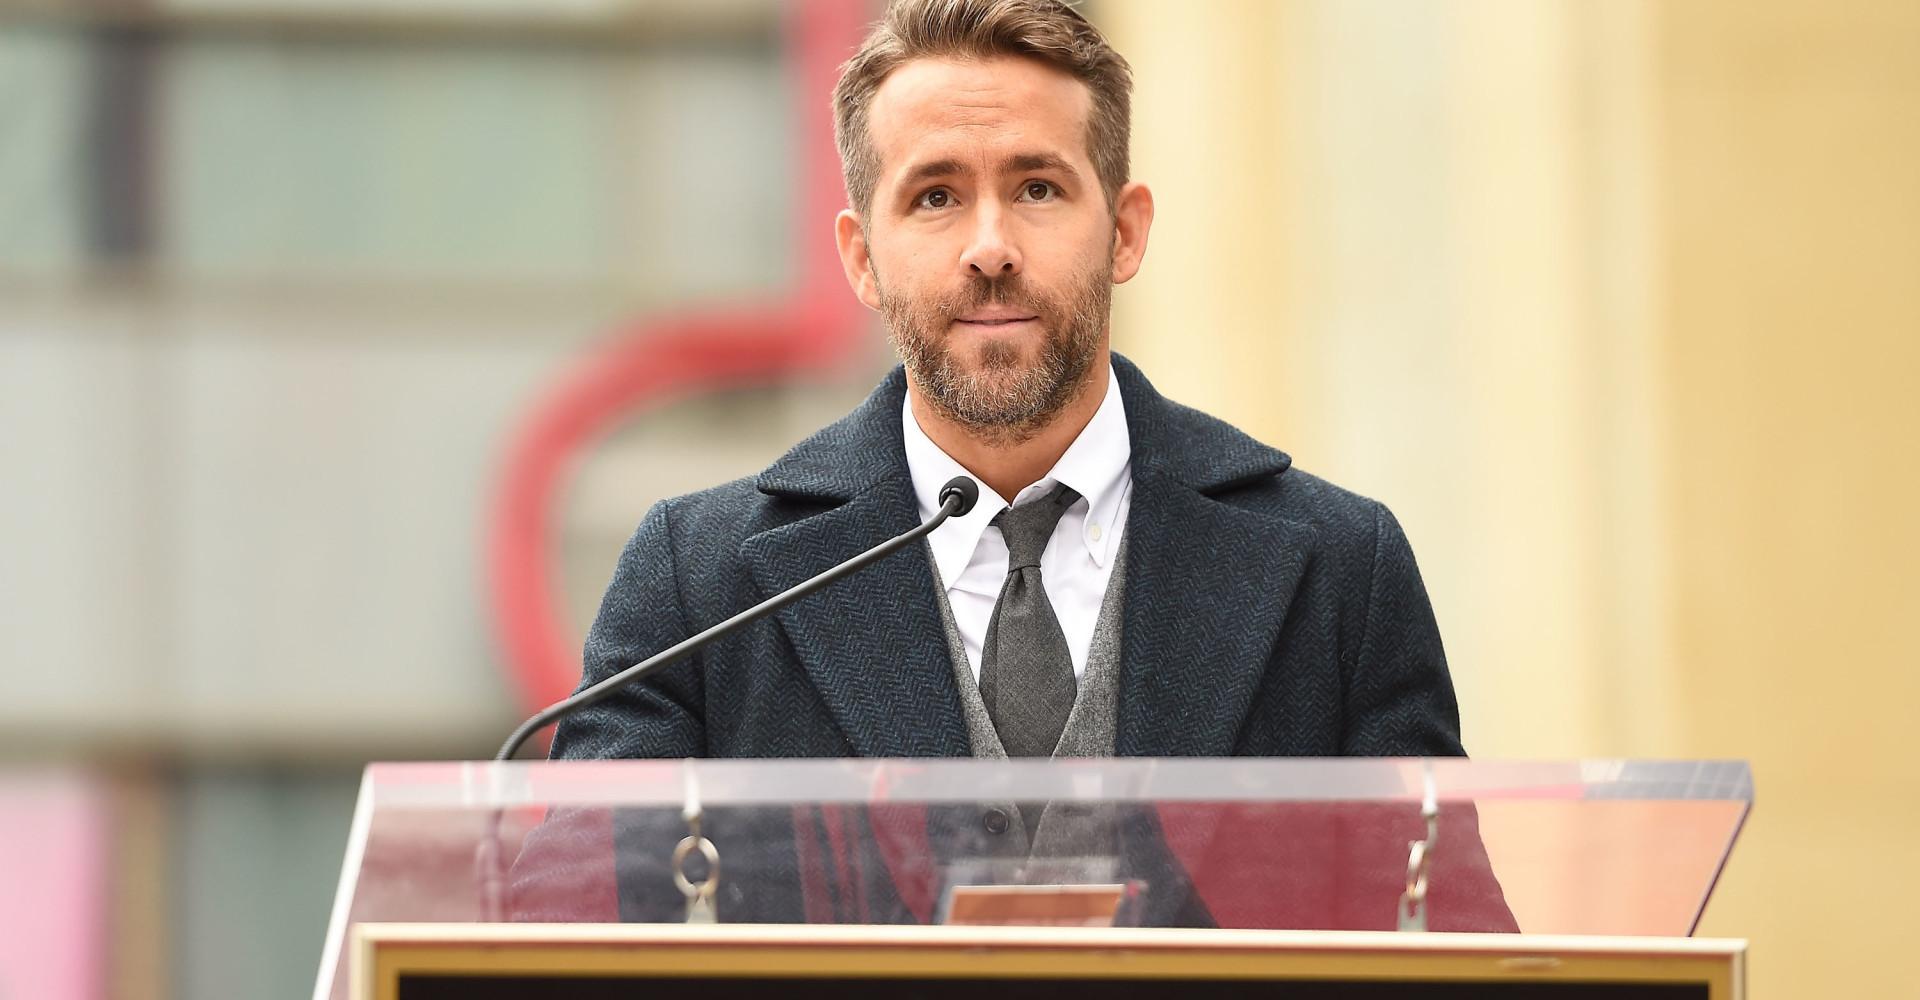 Lista dos atores mais bem pagos de 2019 em Hollywood é divulgada